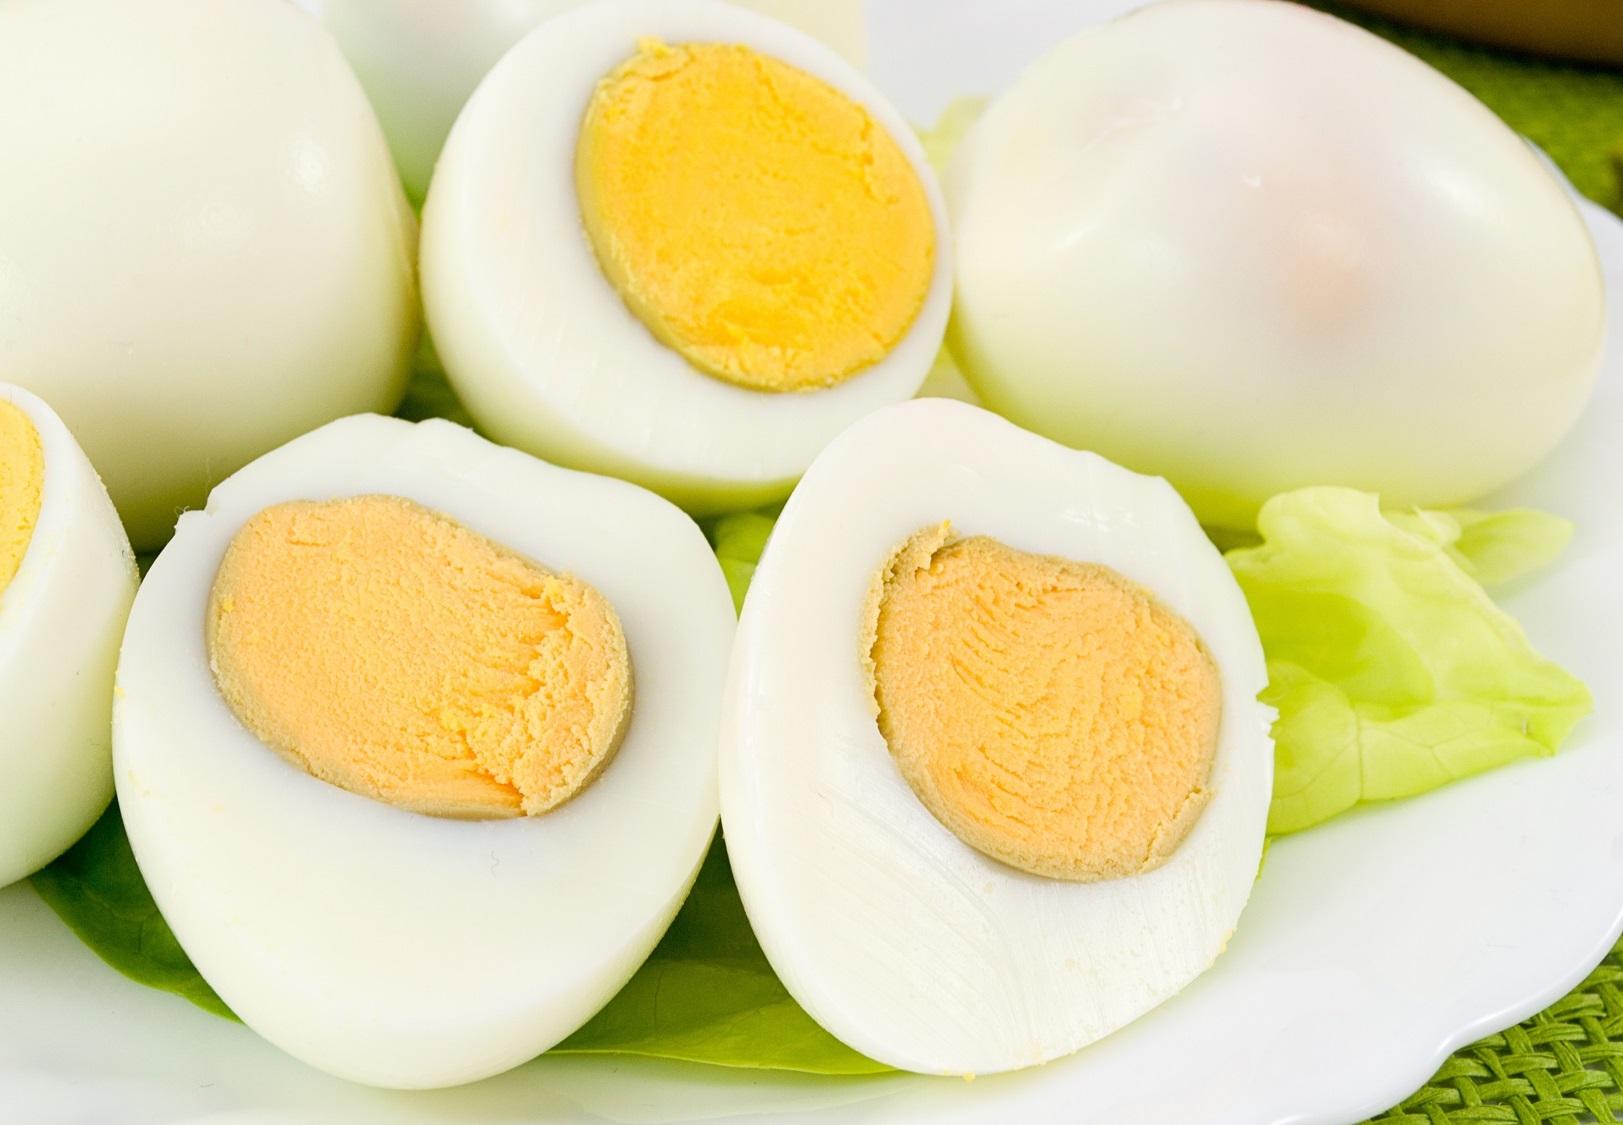 sfida una dieta chetogenica di 21 giorni